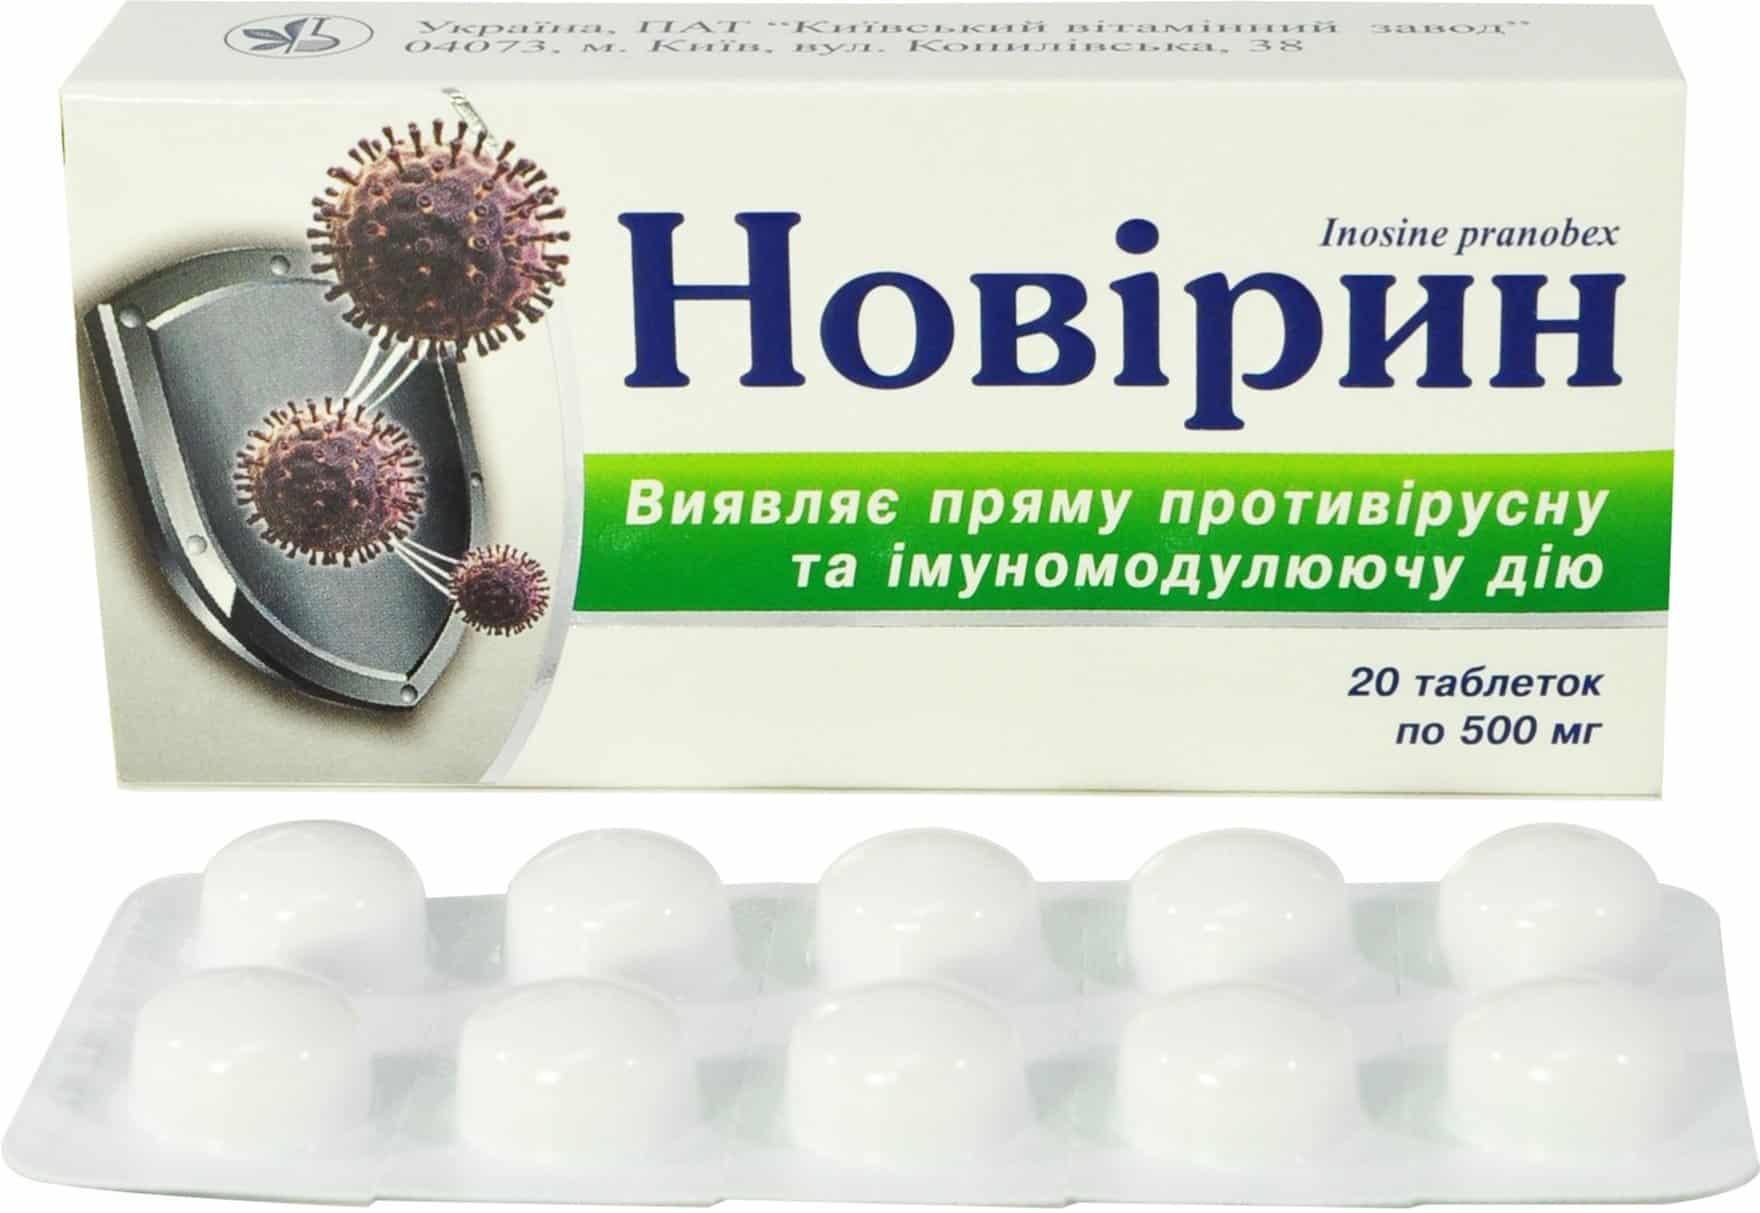 Novirin (inosine pranobex) tablets 500 mg. №20